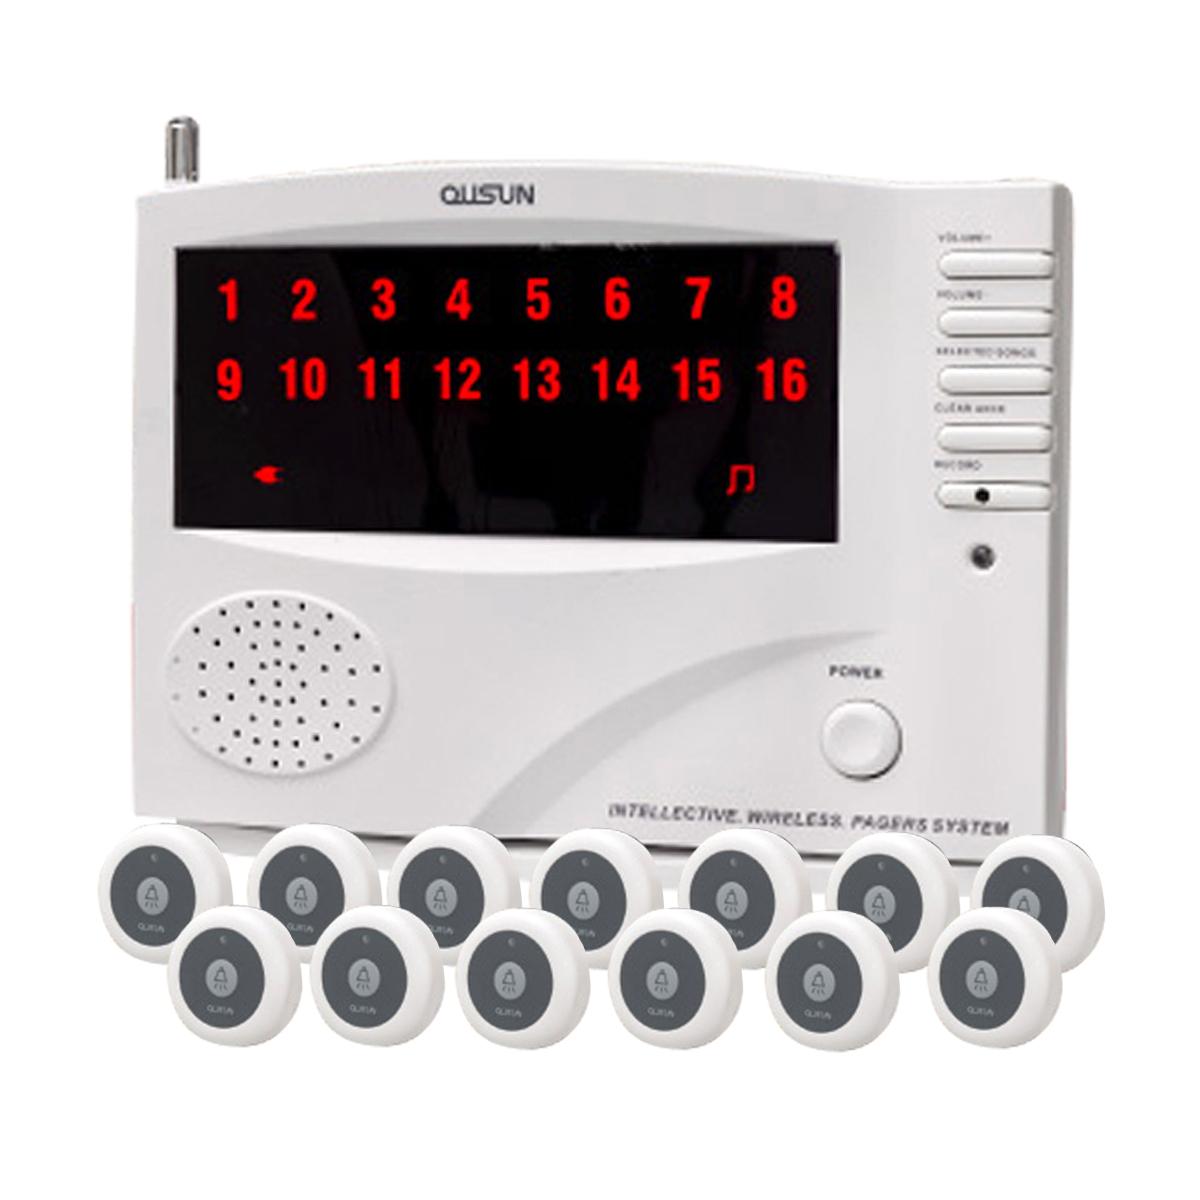 ワイヤレス チャイム コードレスチャイム 業務用 16ch 送信機 13個 白 黒 1年保証 無料登録サービス インターホン 呼び鈴 呼び出しチャイム 店舗 飲食店 介護施設 _92075-1-1